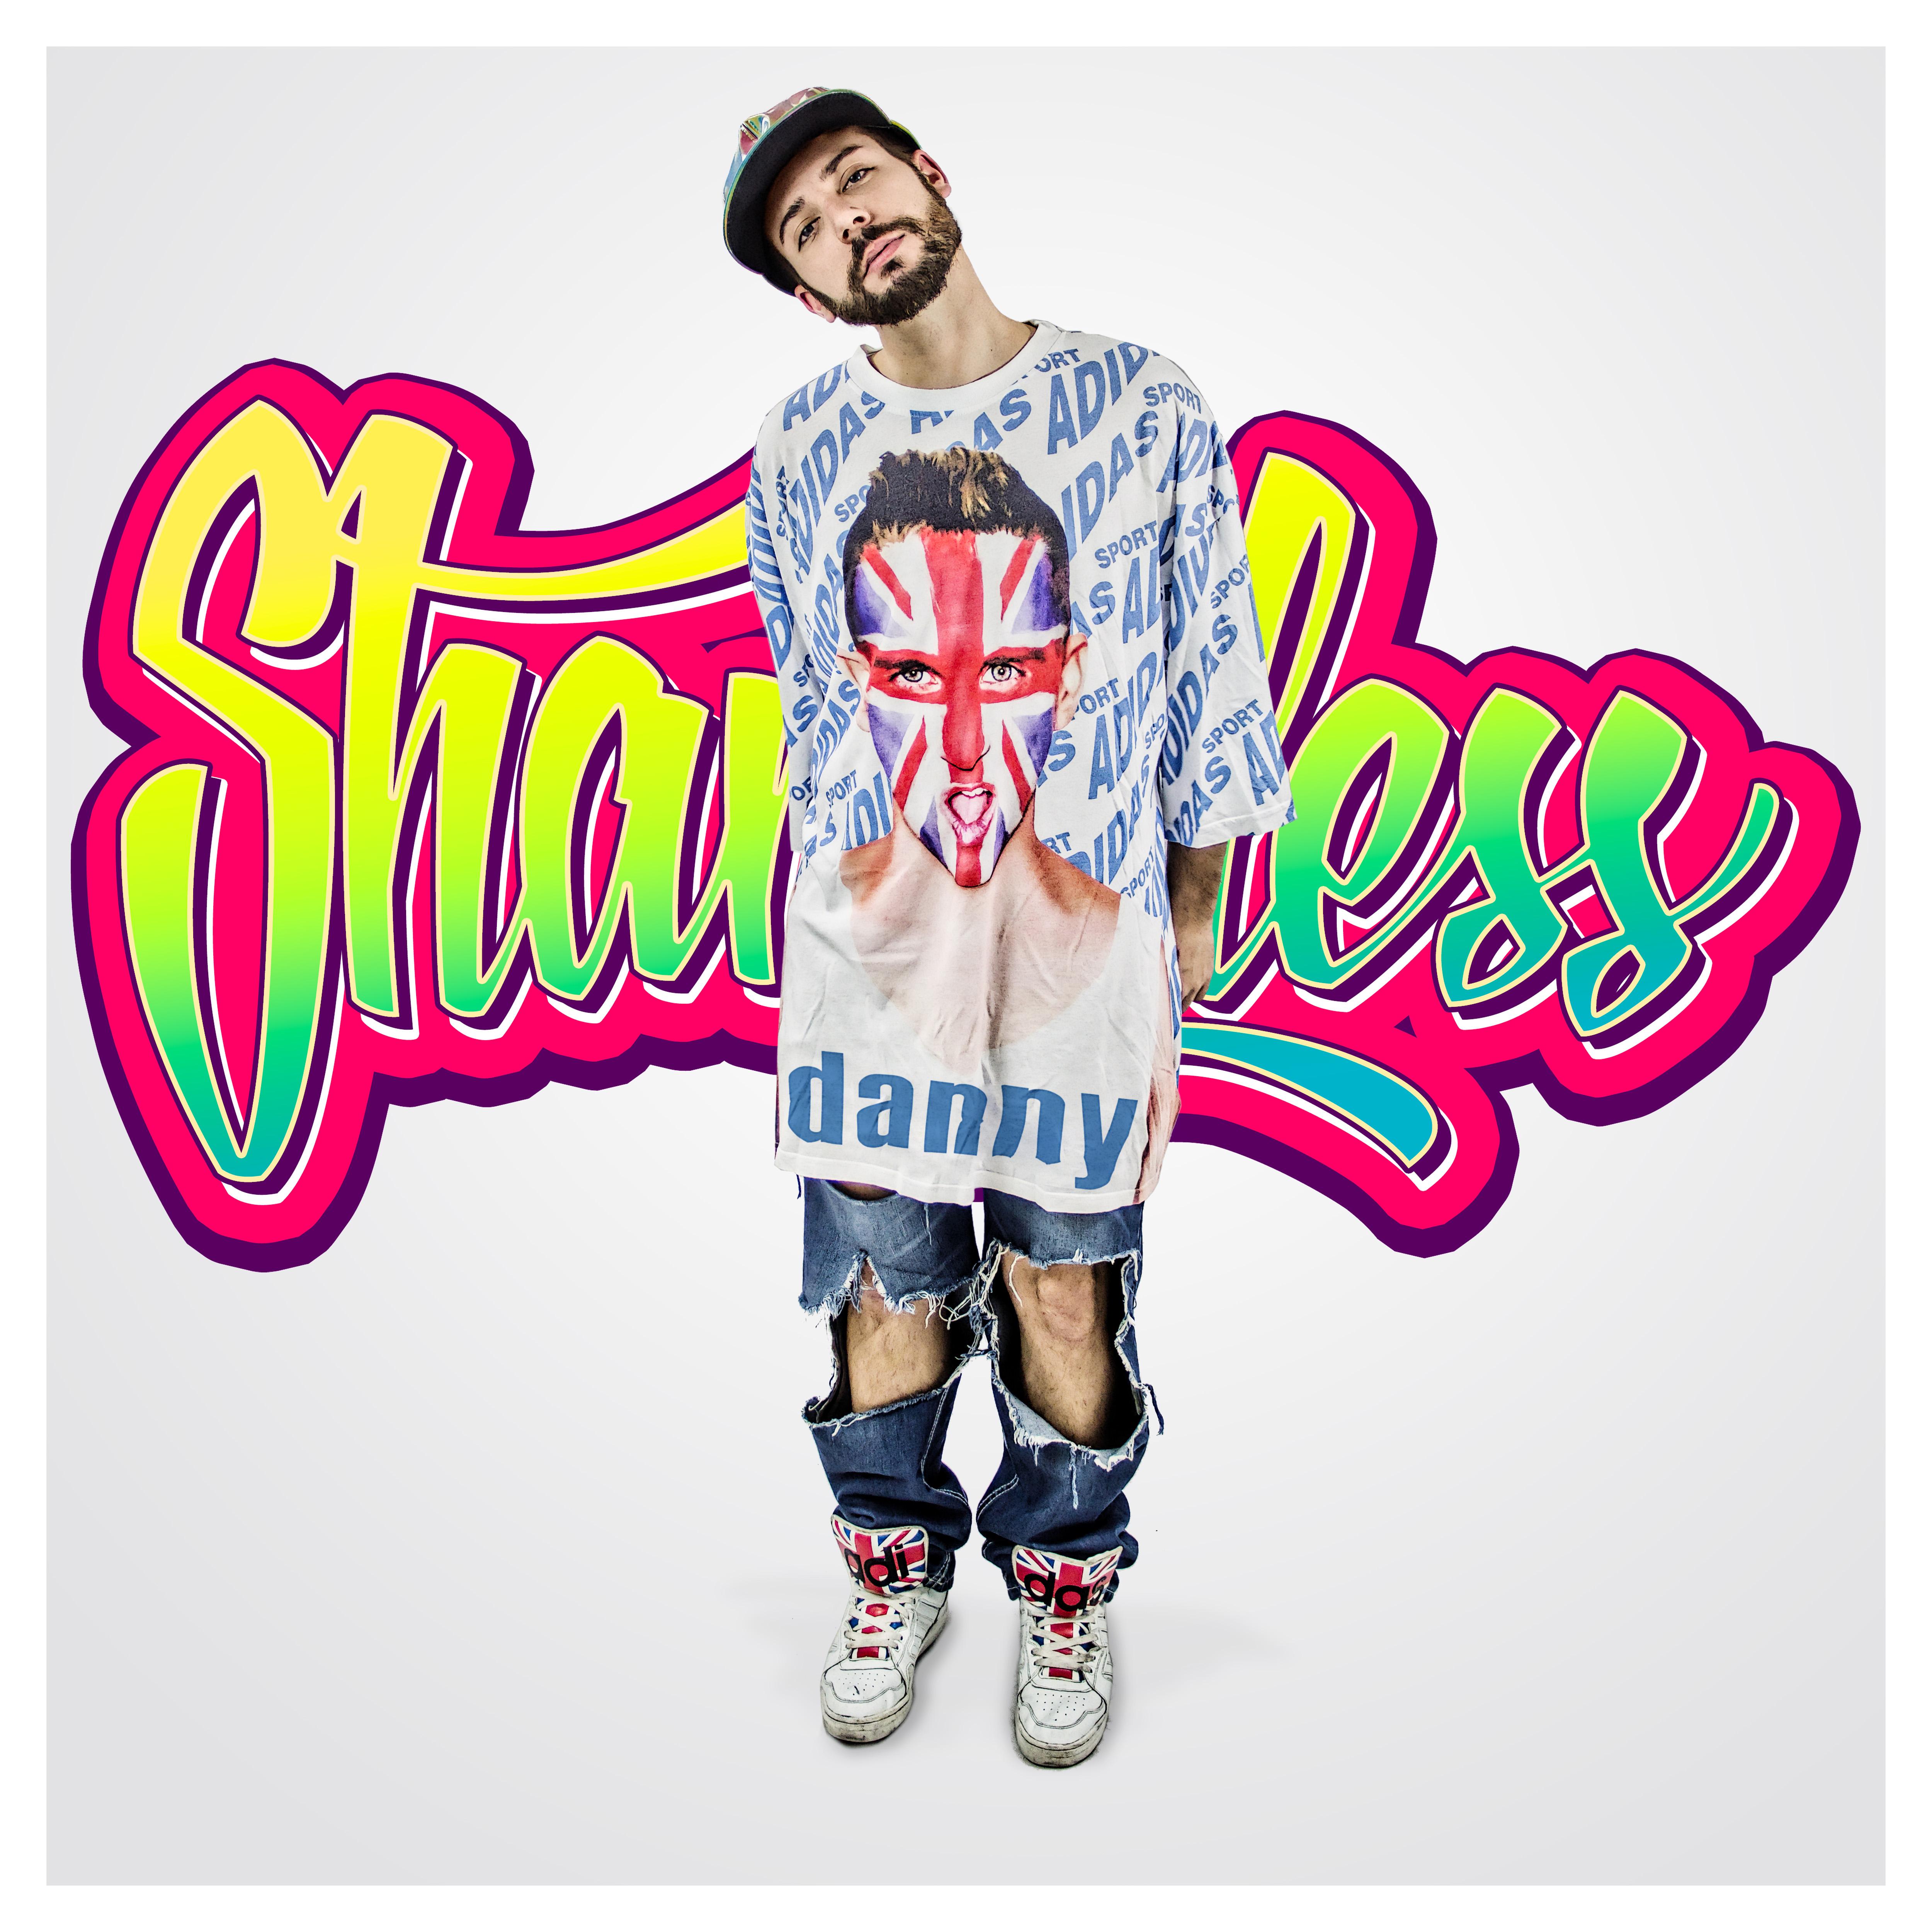 Danny - Shameless front cover